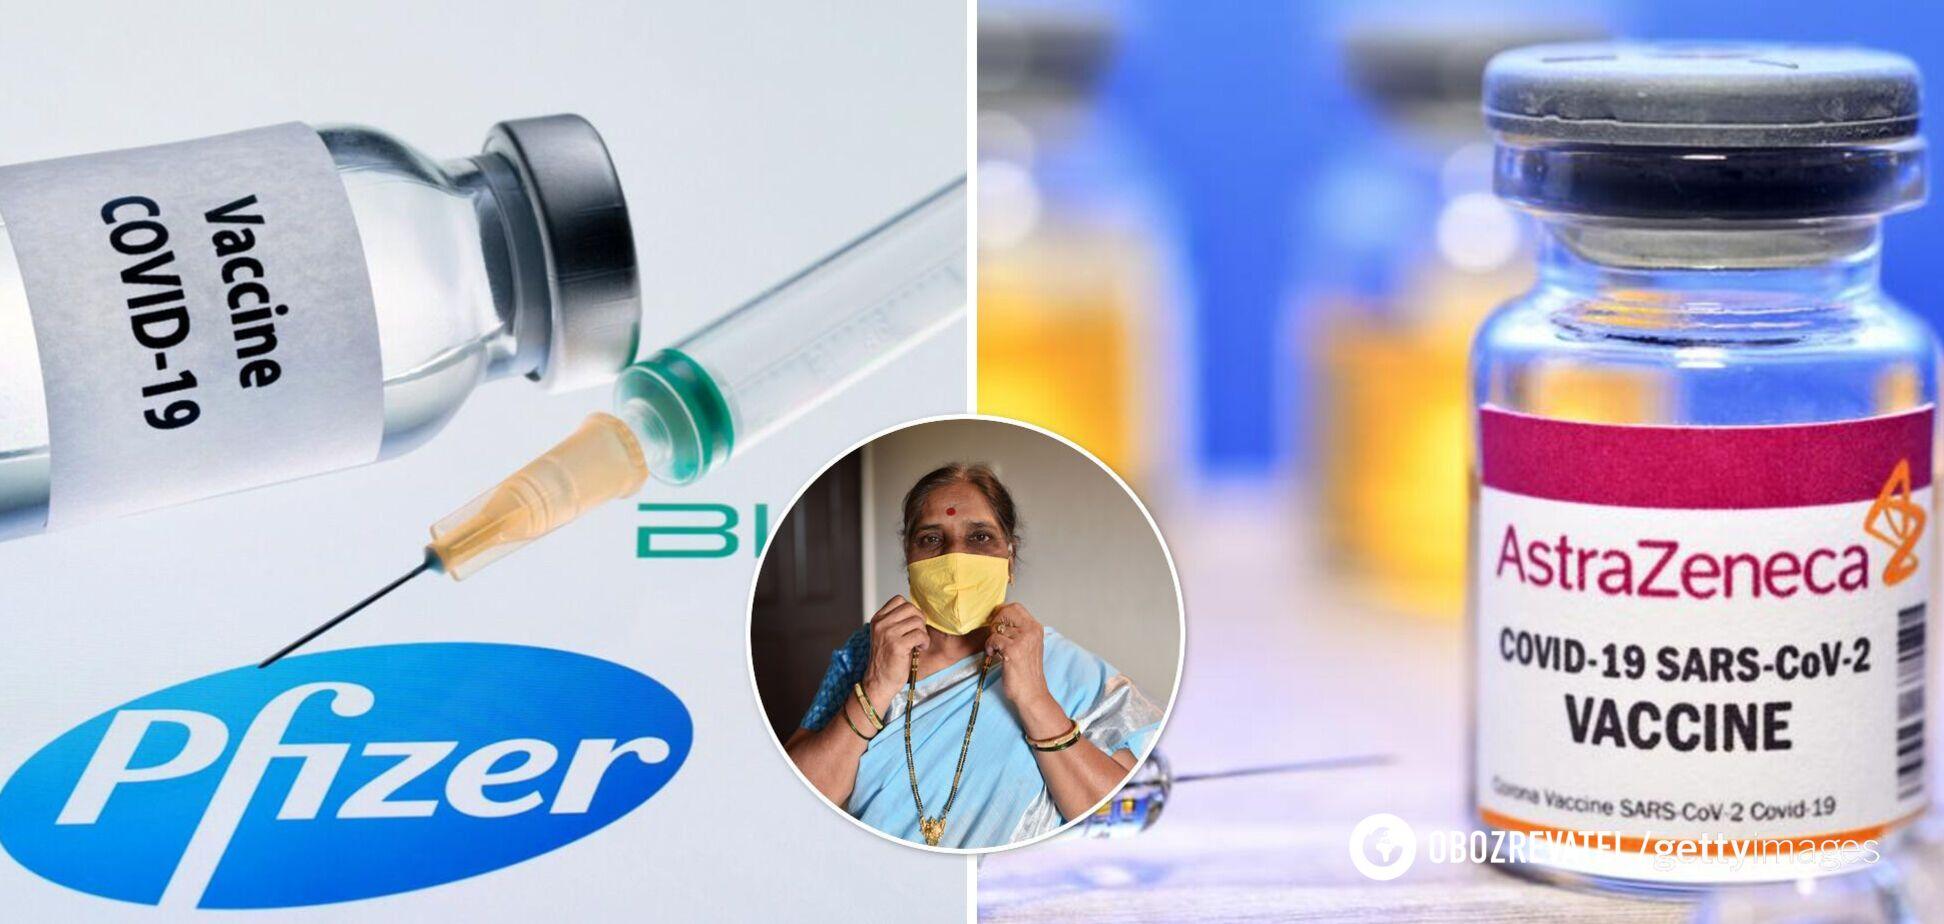 Вакцини Pfizer і AstraZeneca показали ефективність проти індійського штаму COVID-19 – дослідження